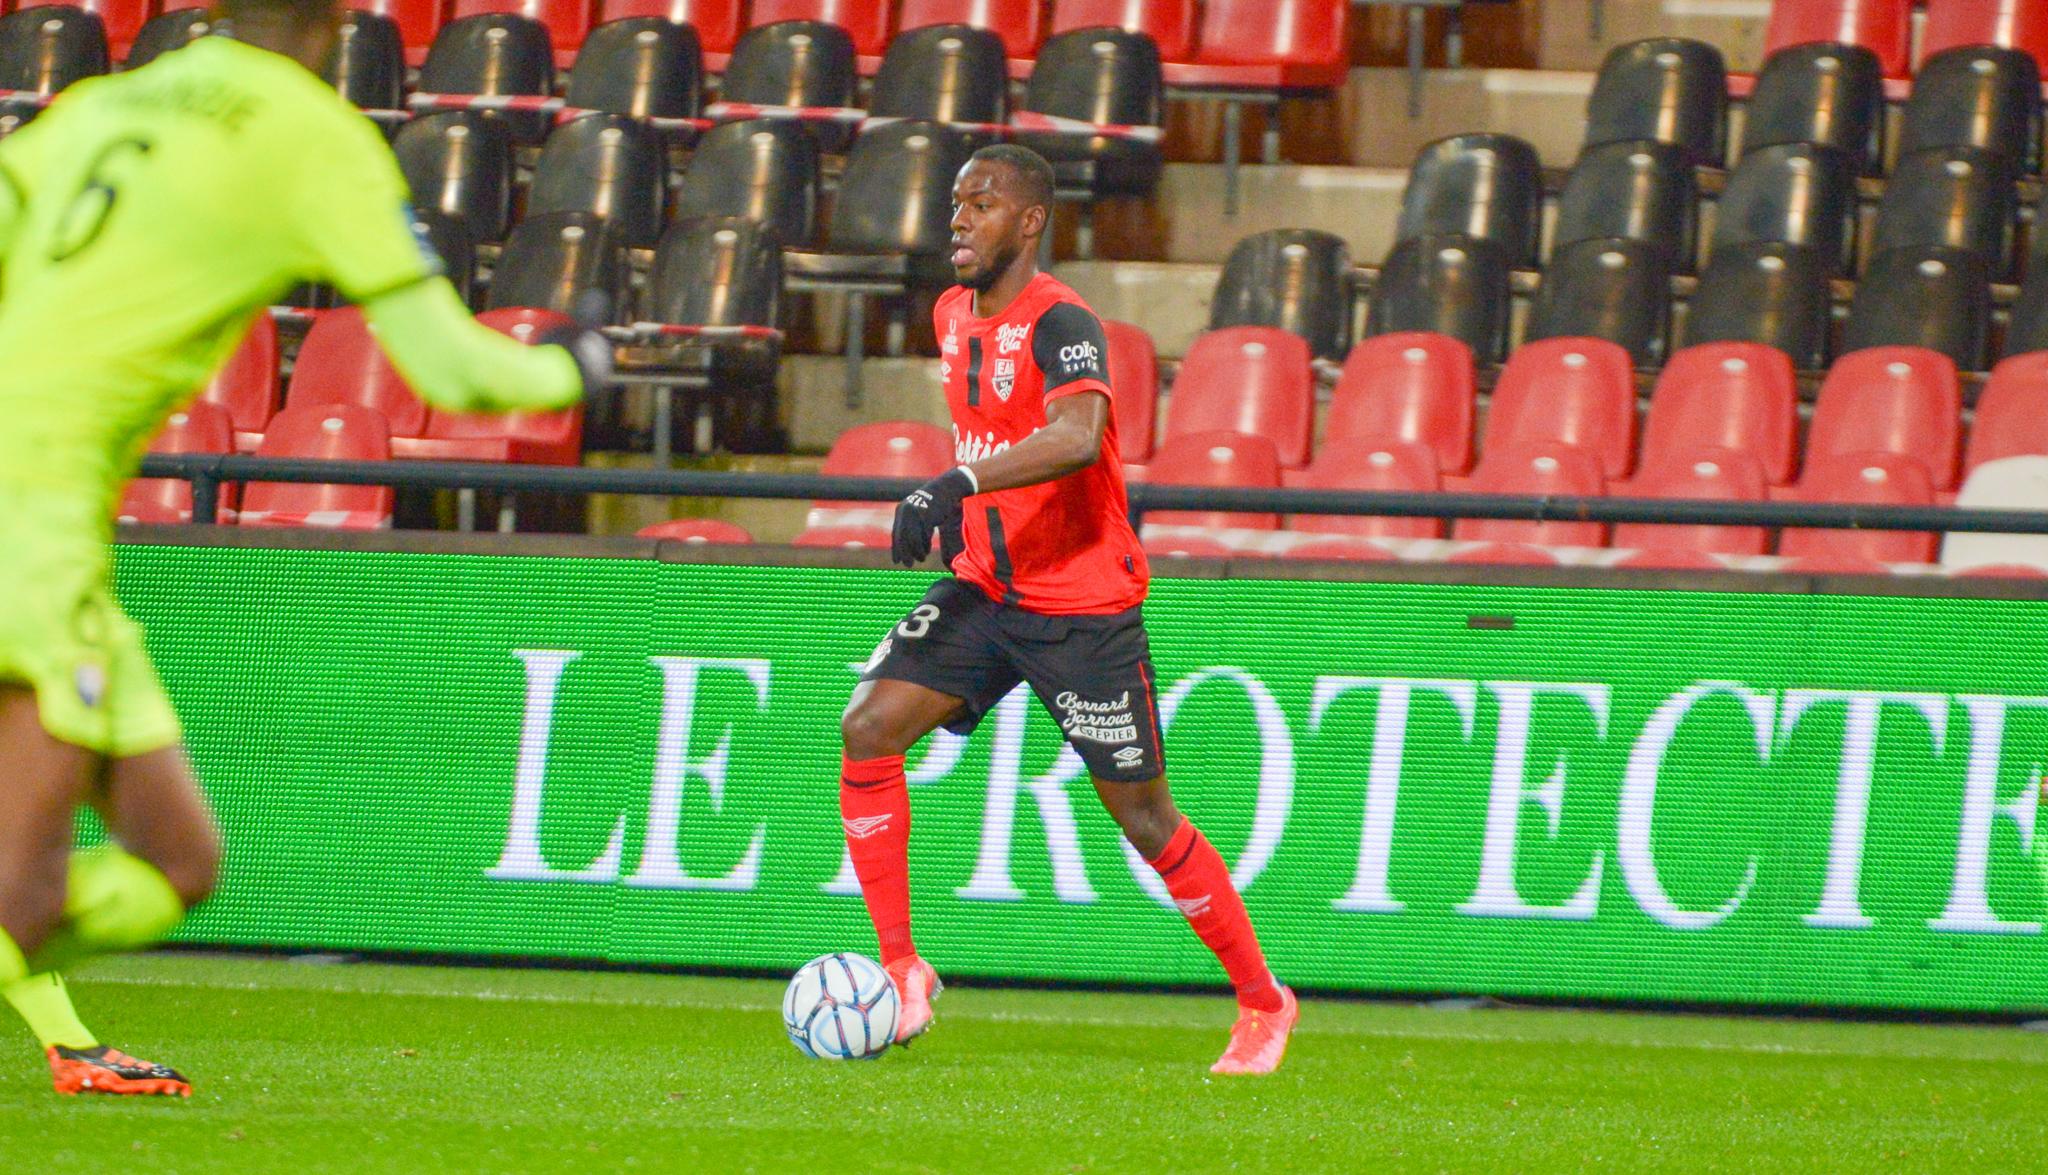 24 EA Guingamp SM Caen 2-2 Ligue 2 BKT Journée 26 2020-21 22 02 2021 EAGSMC